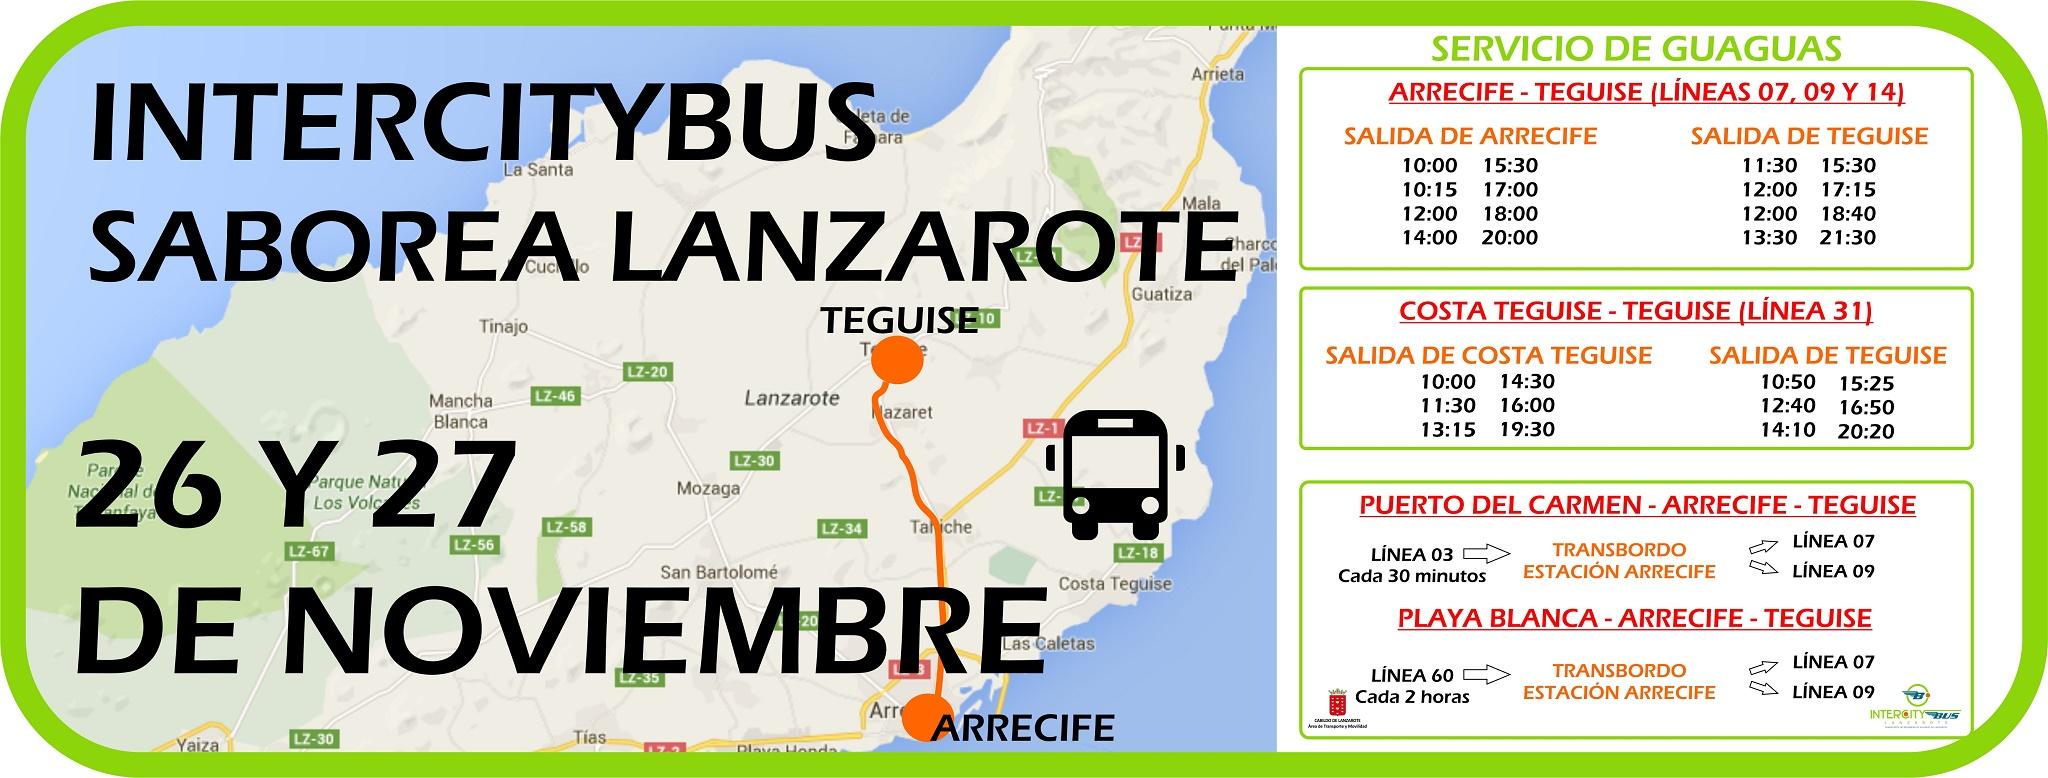 Servicio de Guaguas de Saborea Lanzarote